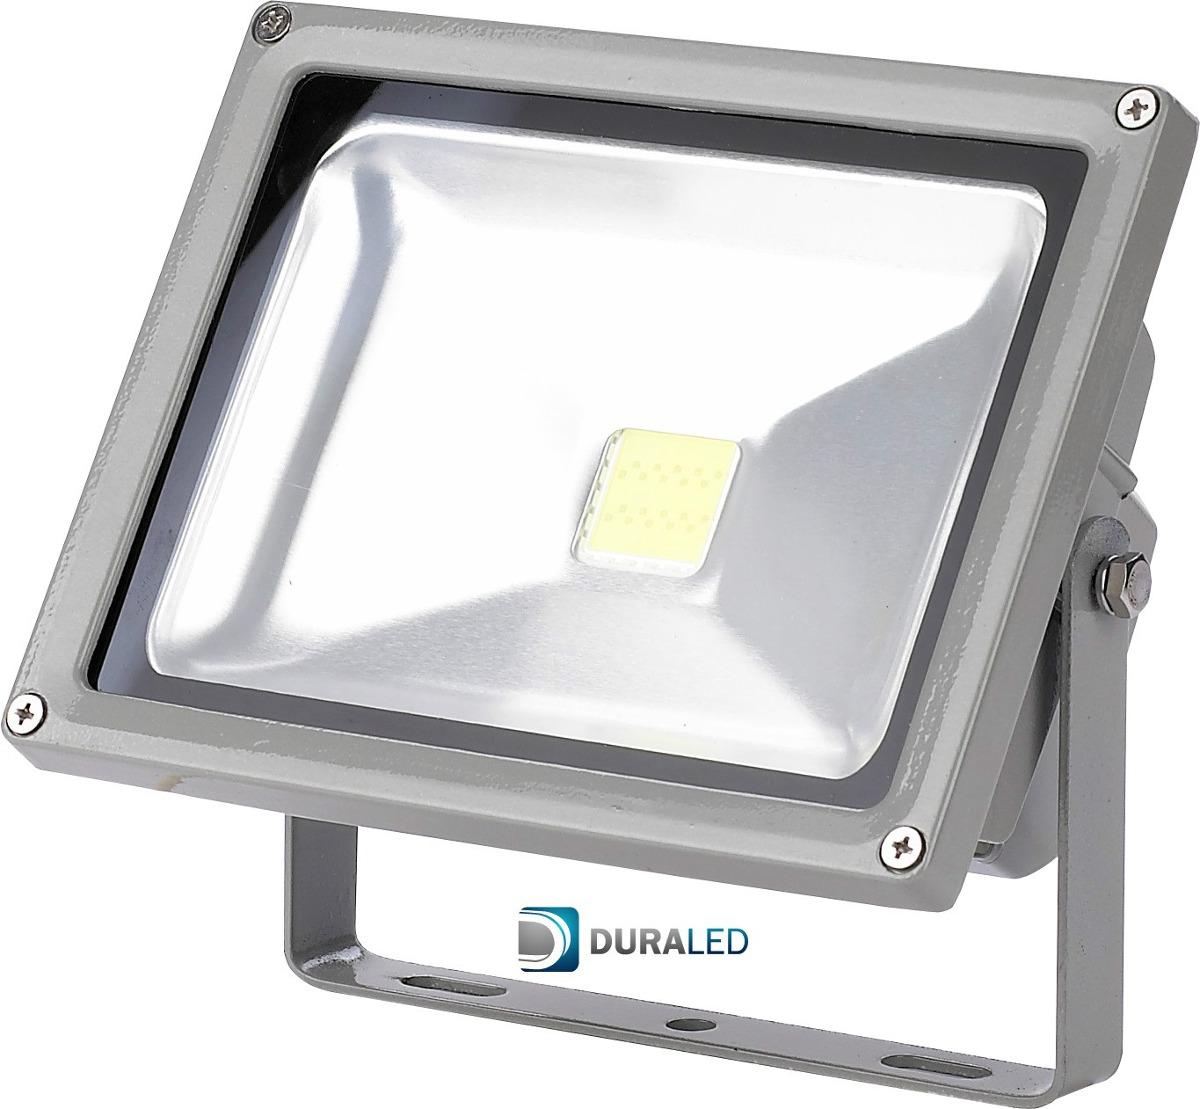 Reflector led para exterior 20w duraled 1 a o de garantia - Lamparas de exteriores de pared ...